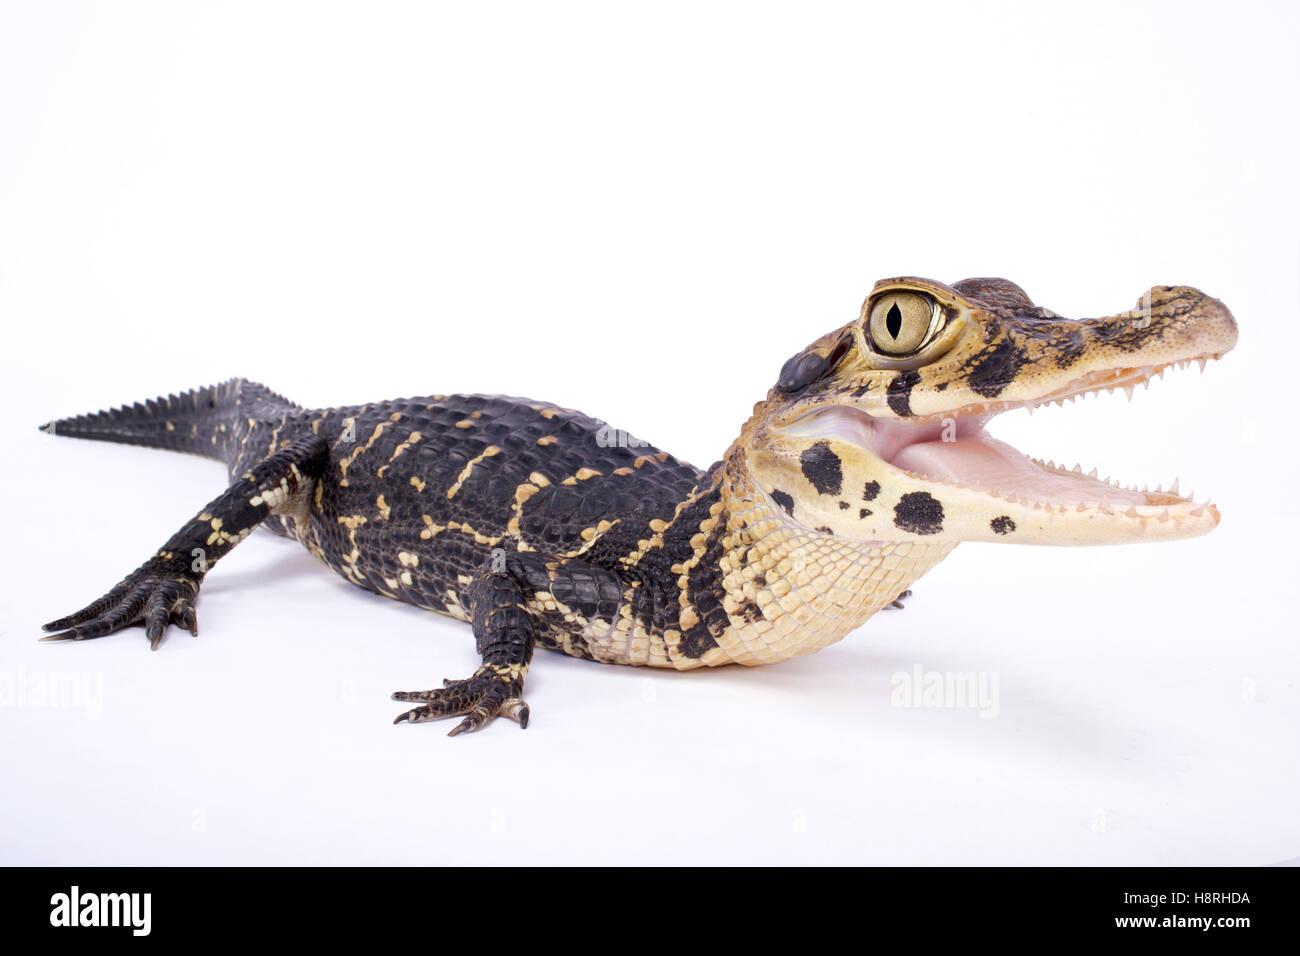 Black caiman,Melanosuchus niger - Stock Image